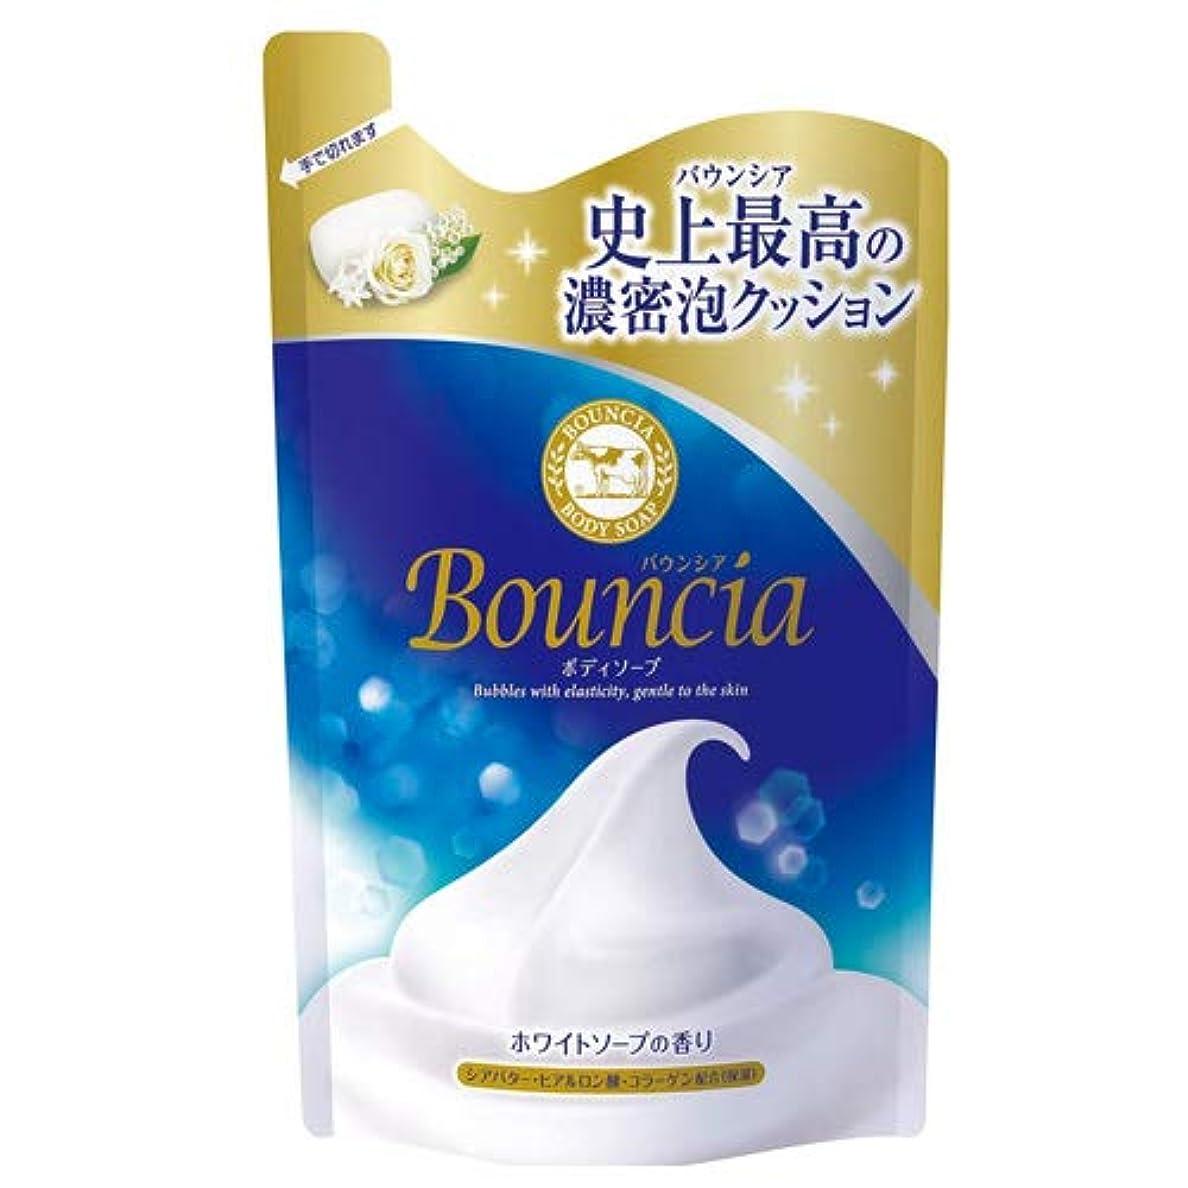 覆す公使館硬い牛乳石鹸 バウンシア ボディソープ 詰替用 400ml×4個